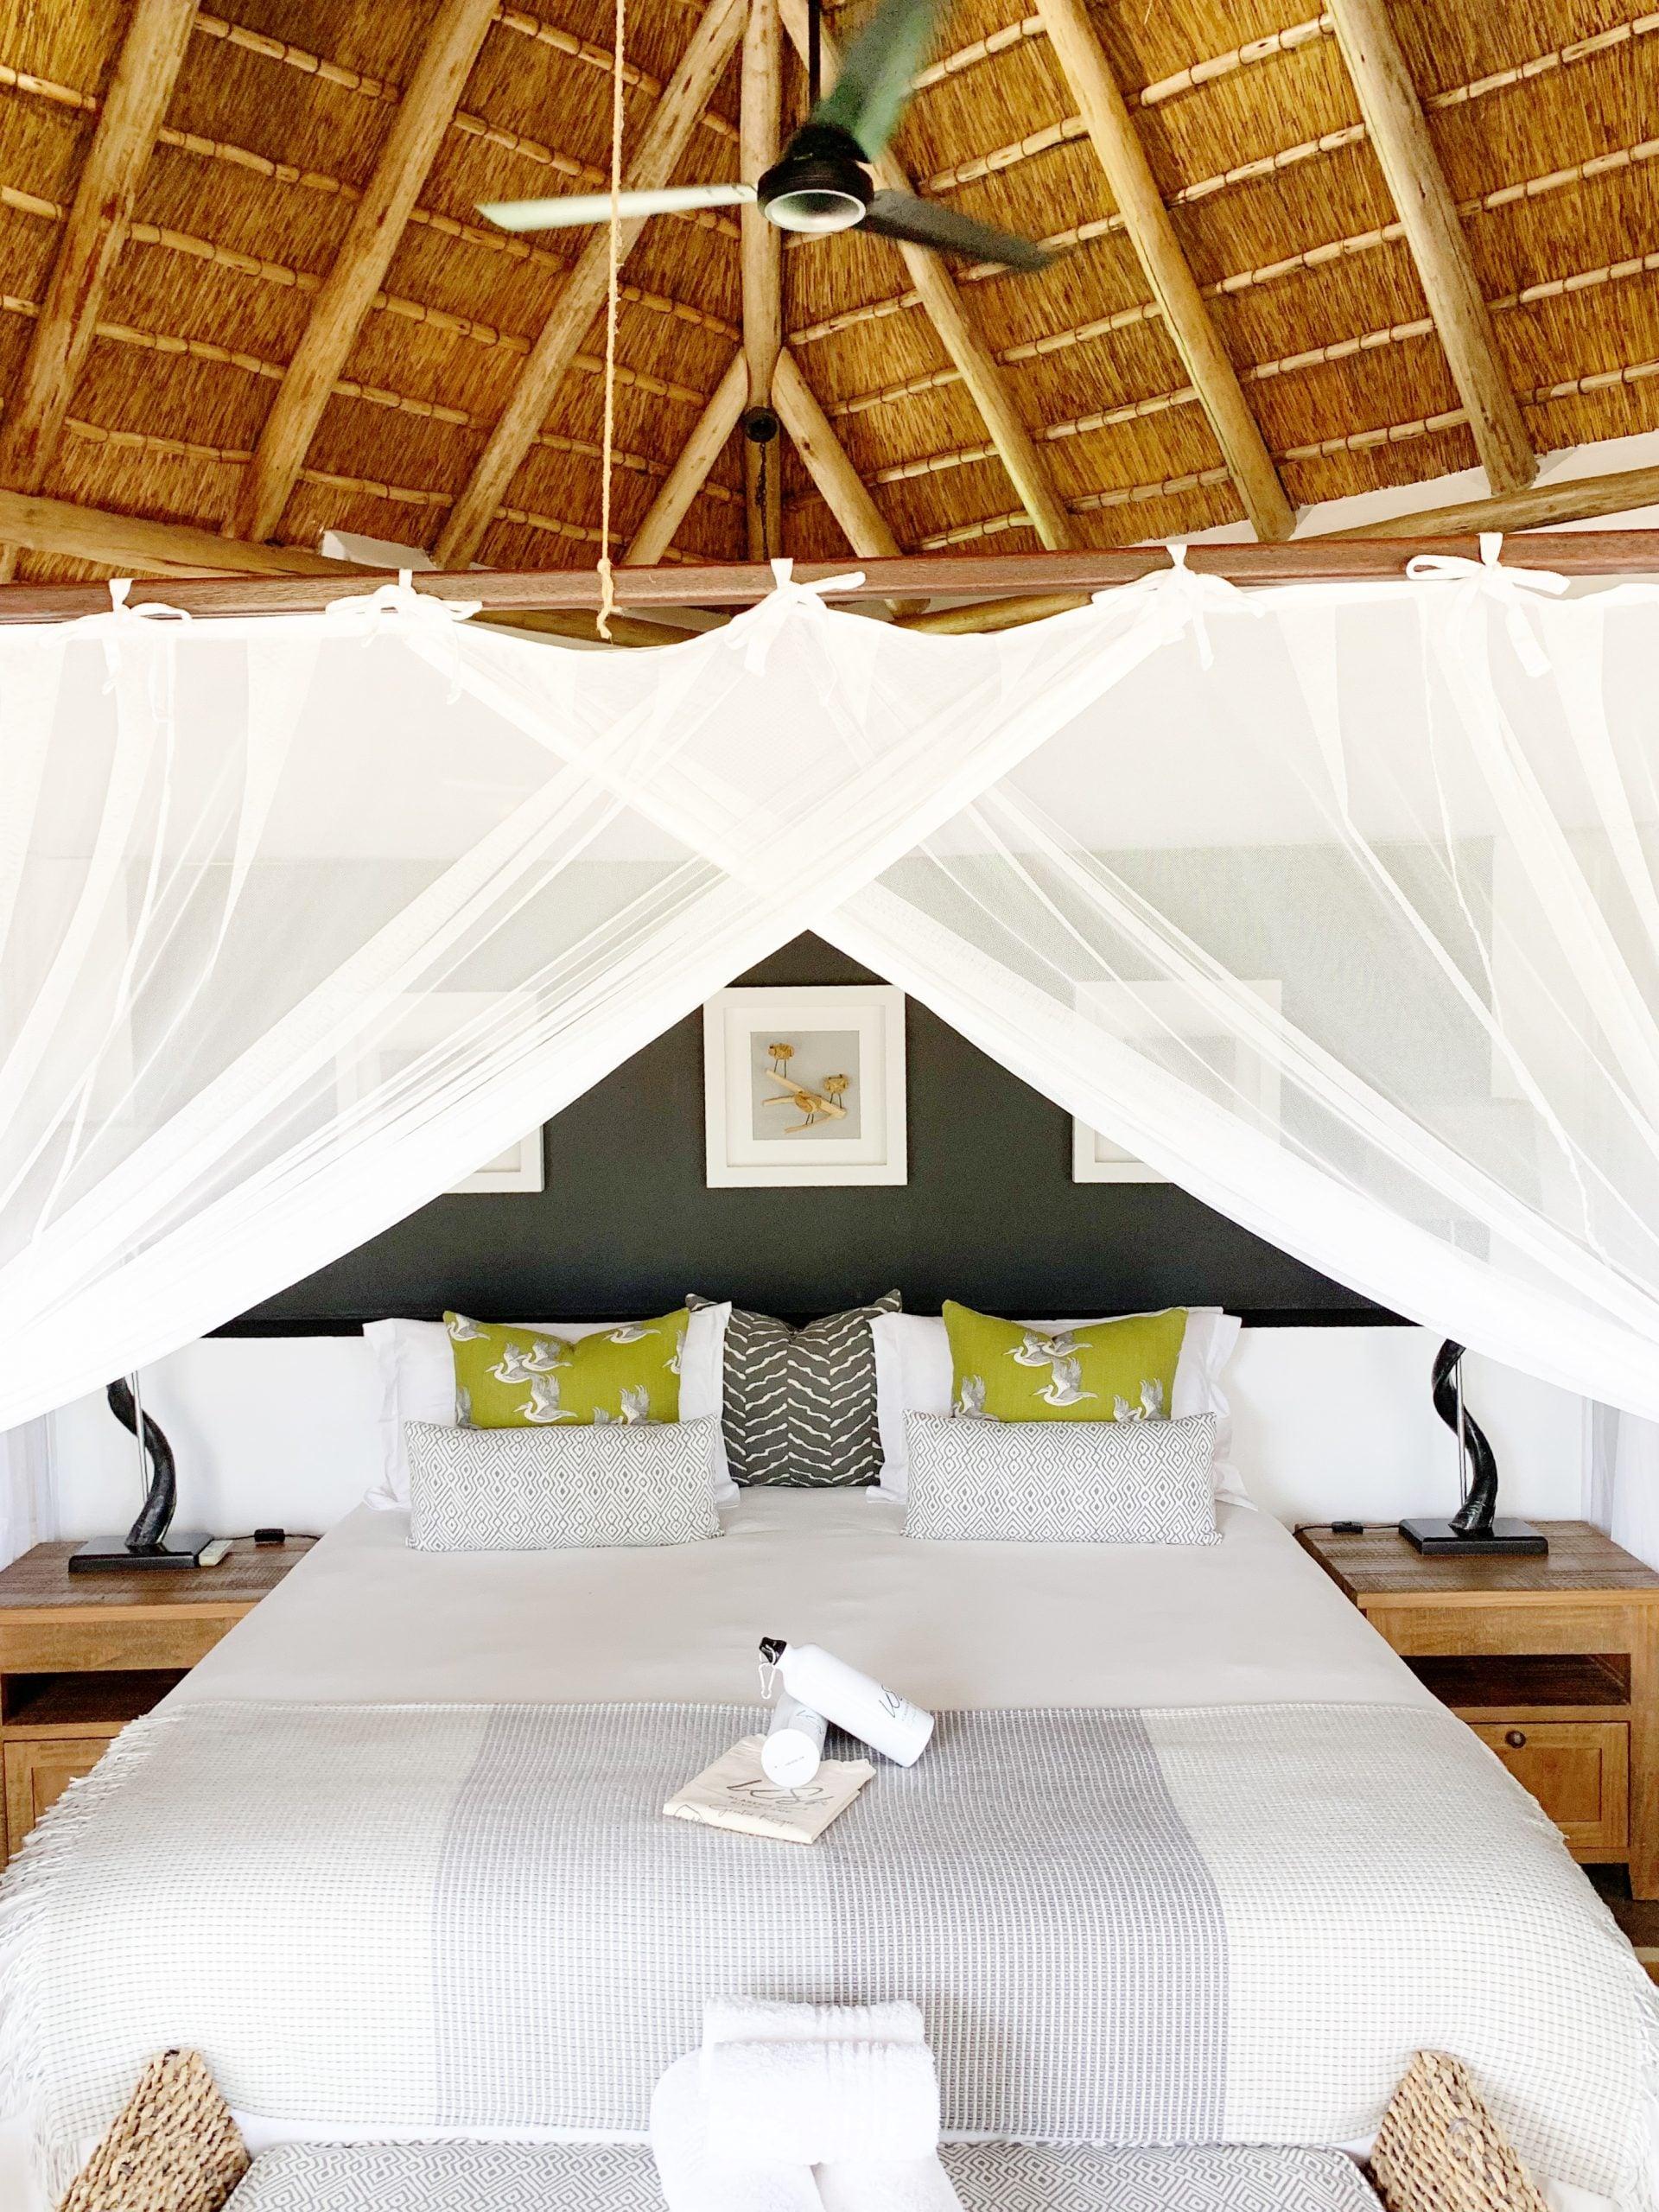 Safari camp bed